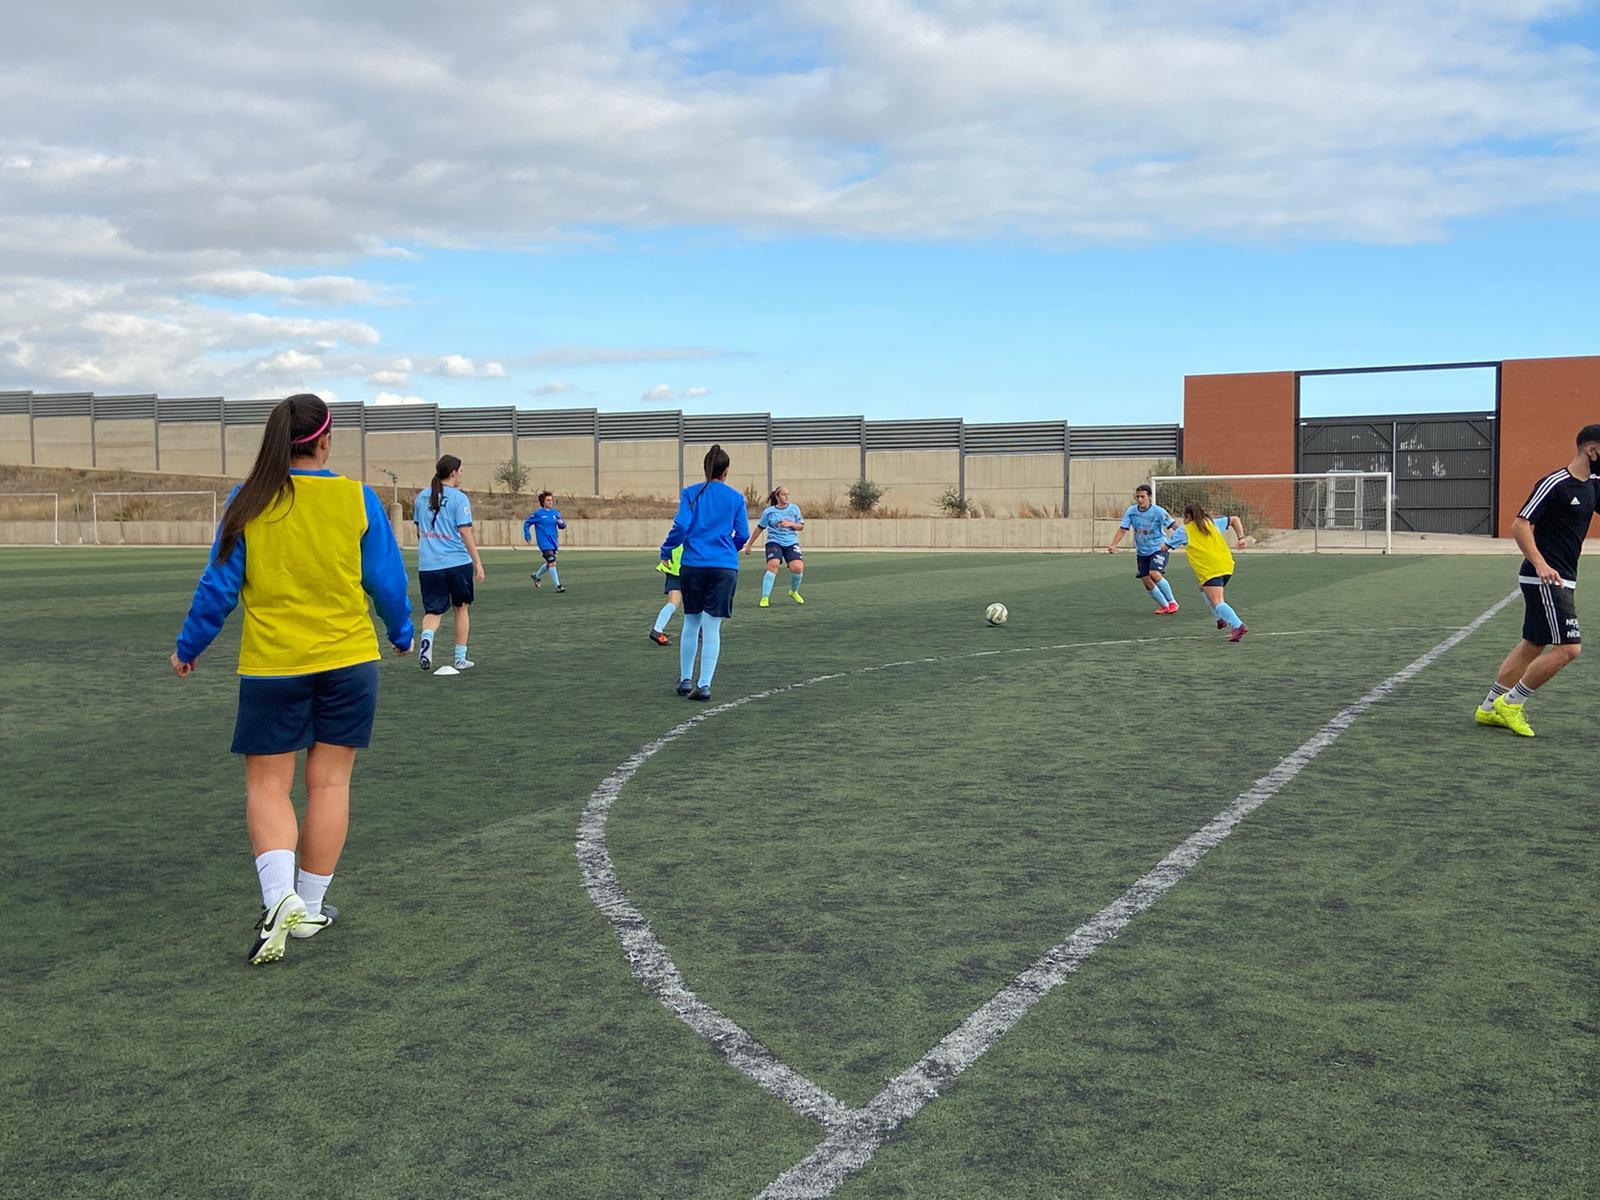 El sénior femenino visita La Ciudad Deportiva de La Cañada